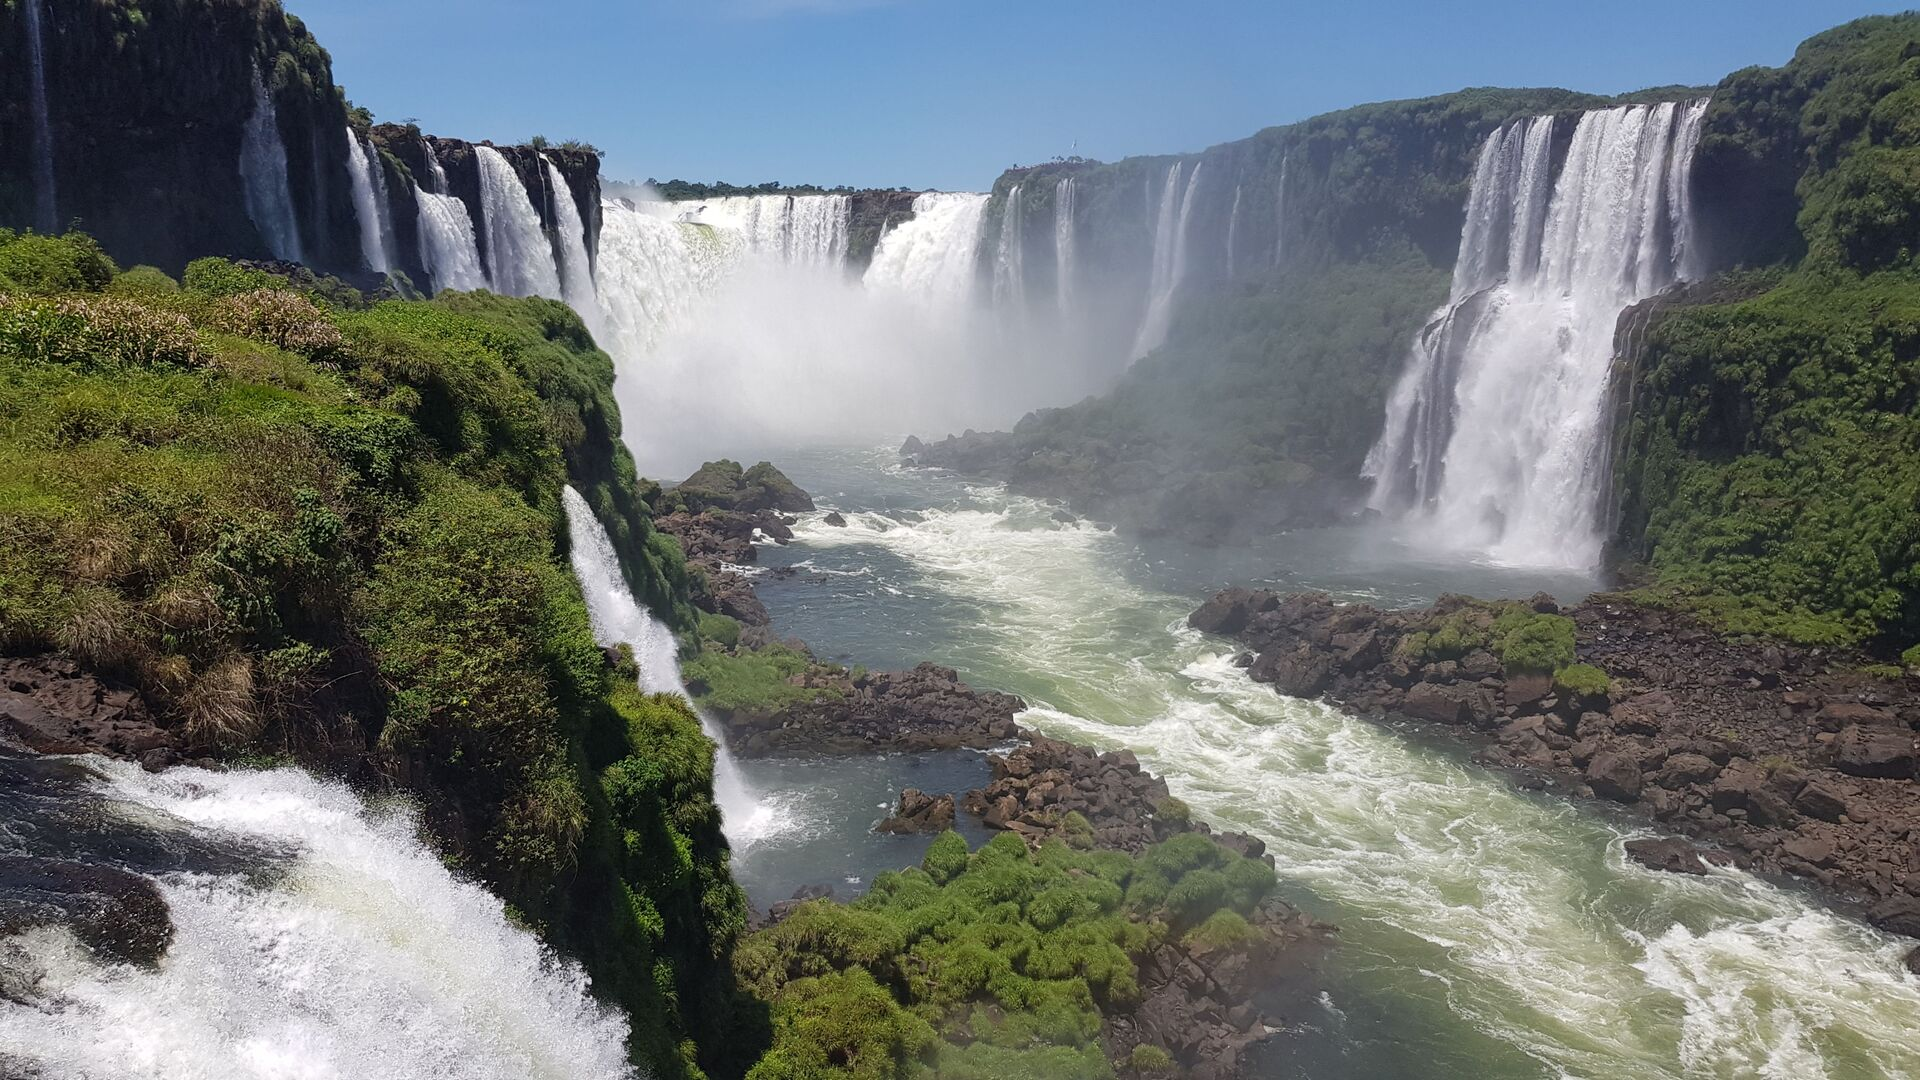 Las Cataratas del Iguazú - Sputnik Mundo, 1920, 27.08.2021